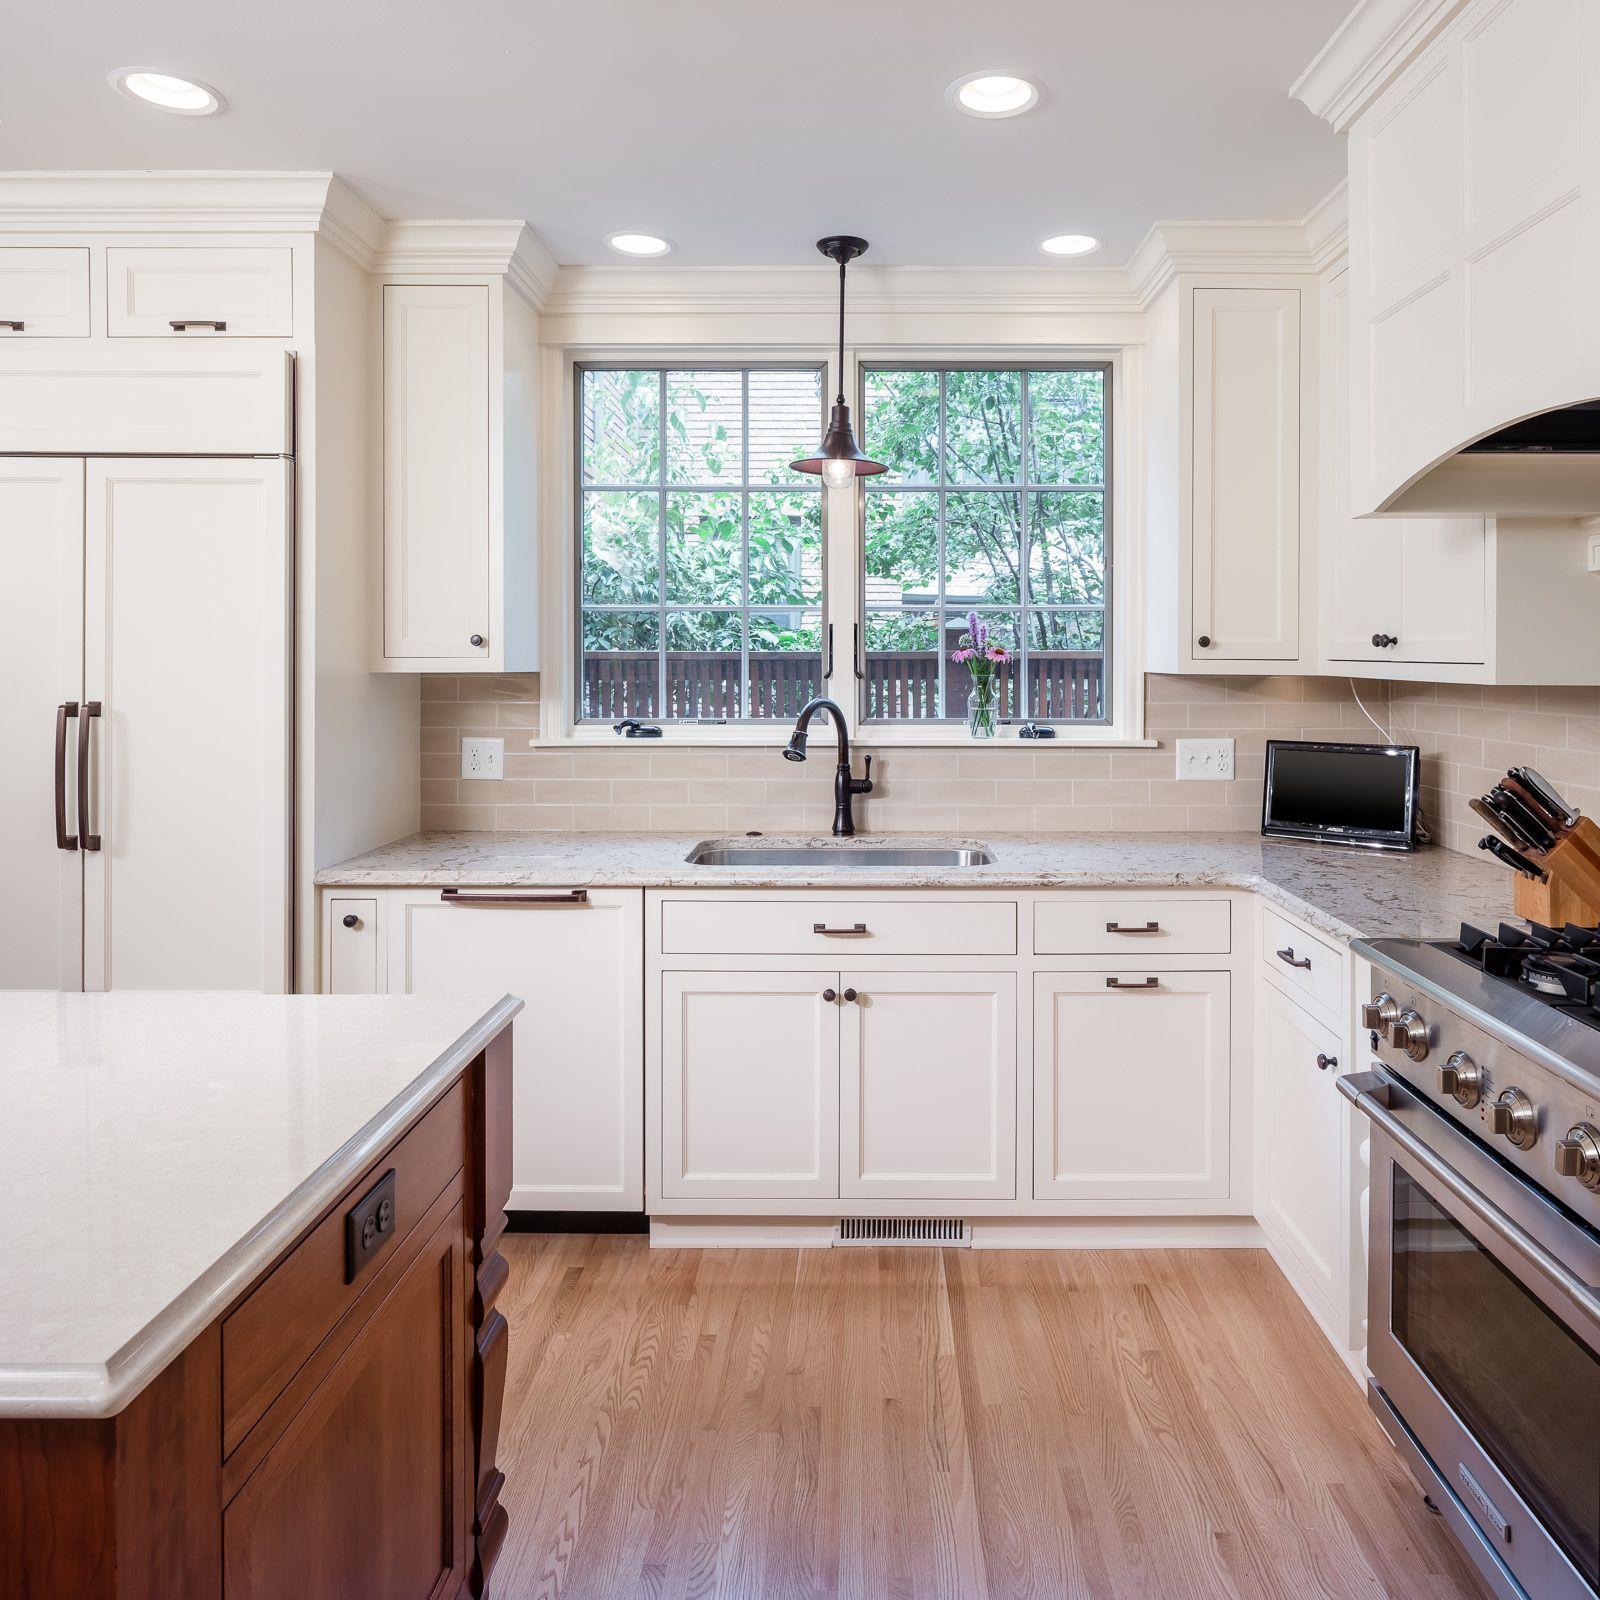 Pendant lighting over kitchen sink lighting pinterest